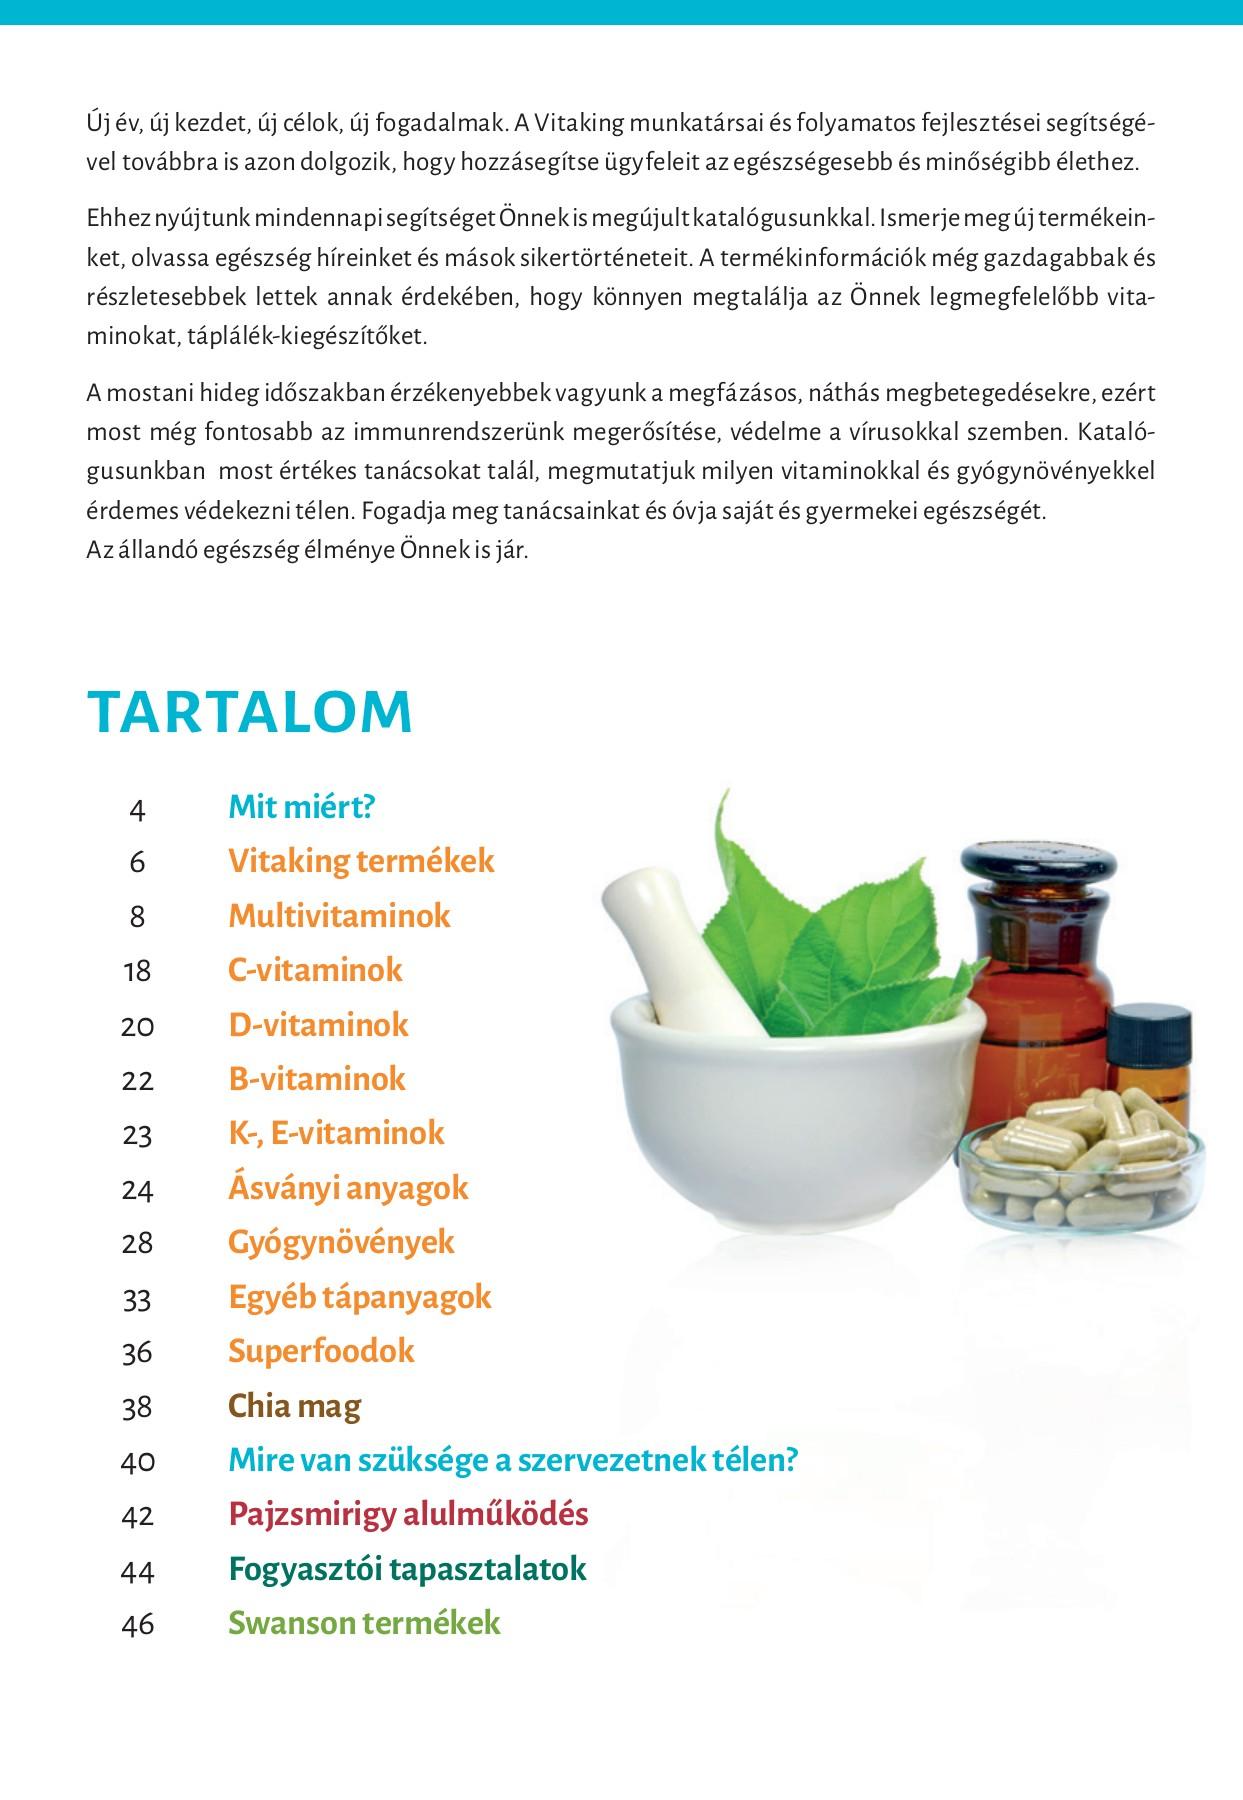 a legjobb receptek a látás javítására)